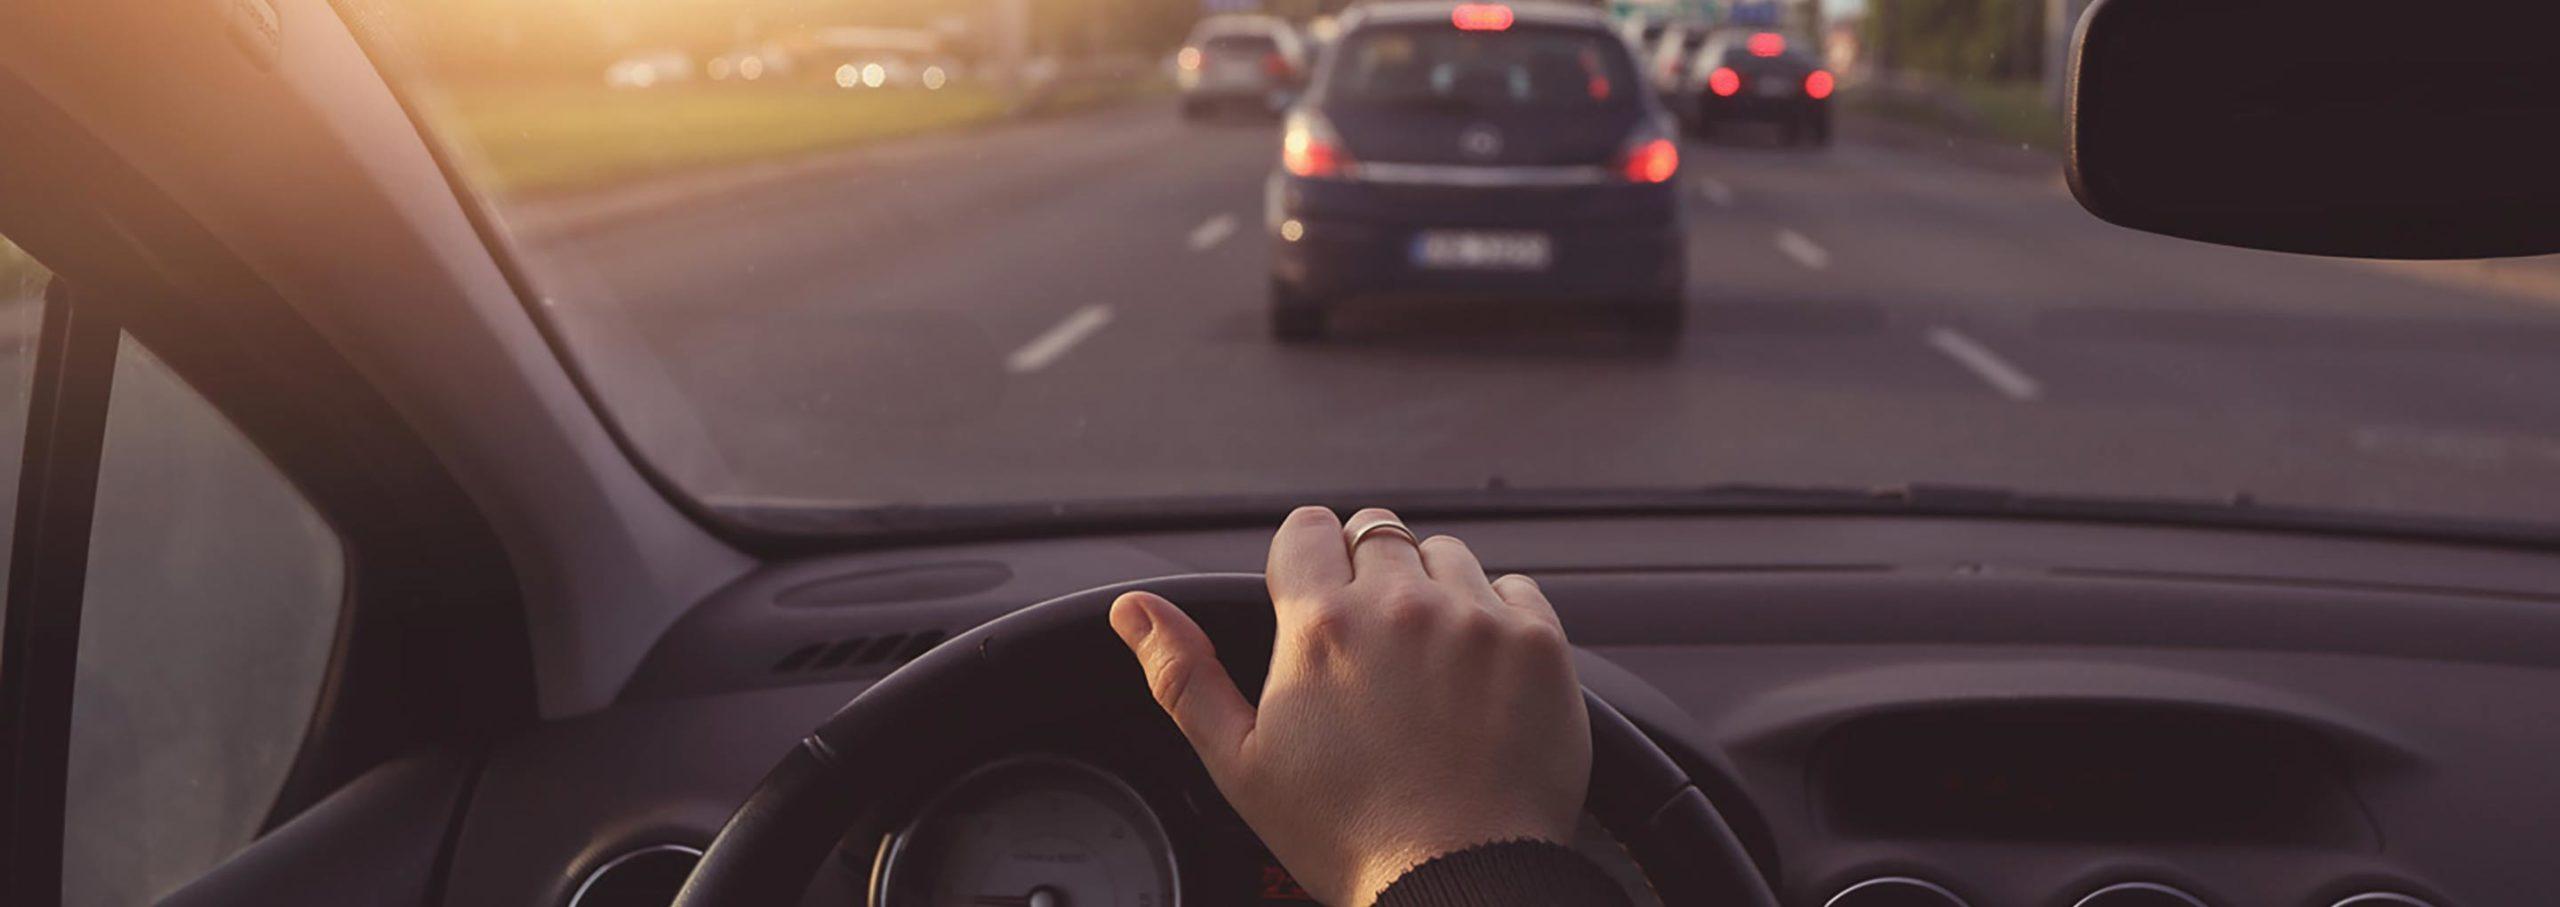 car in traffic